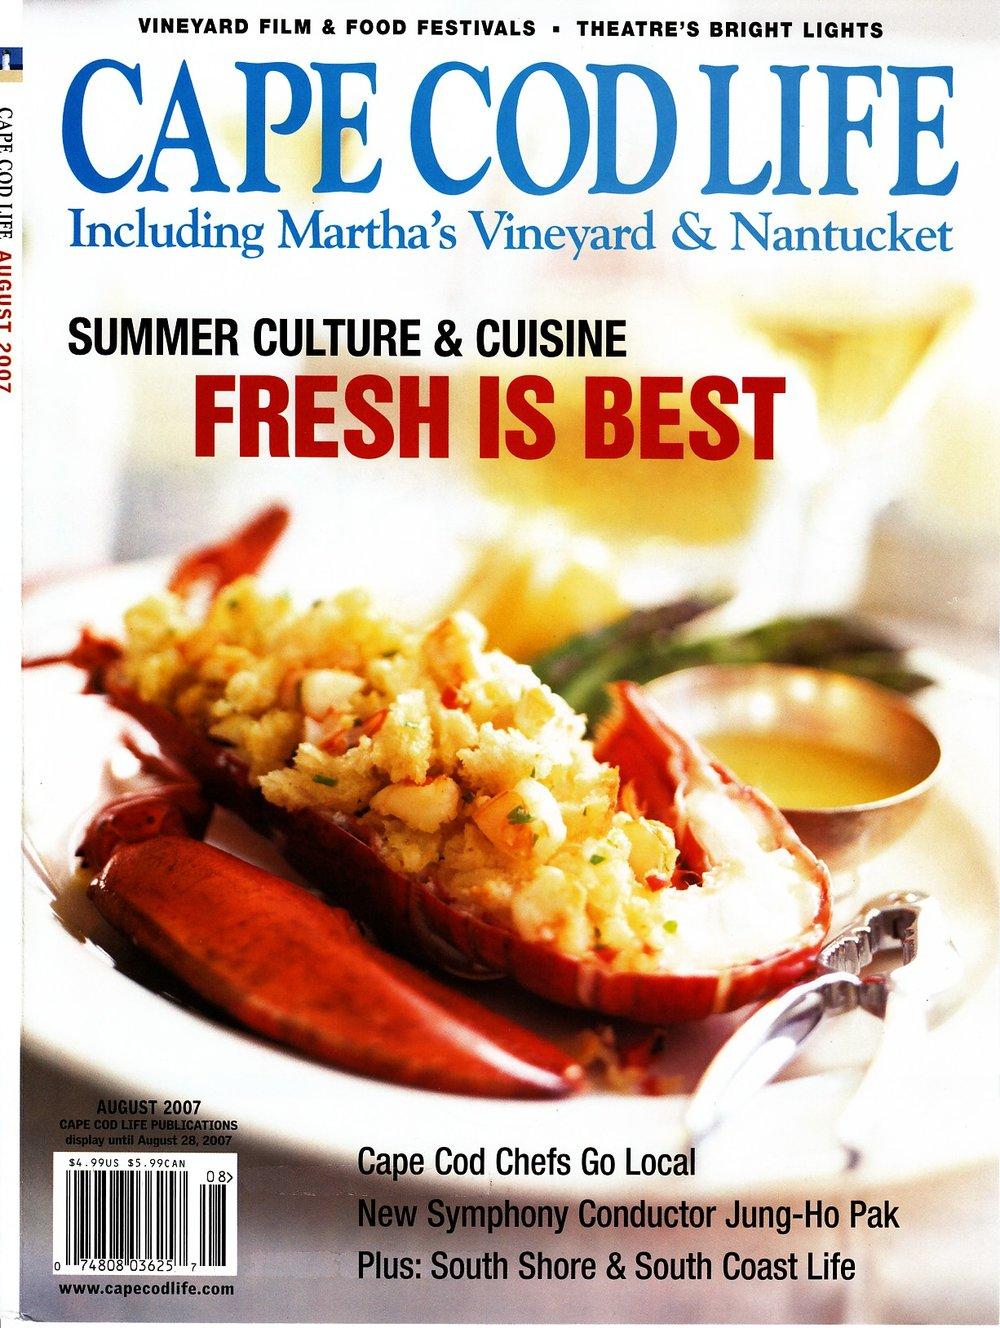 cape cod life 2007 cover